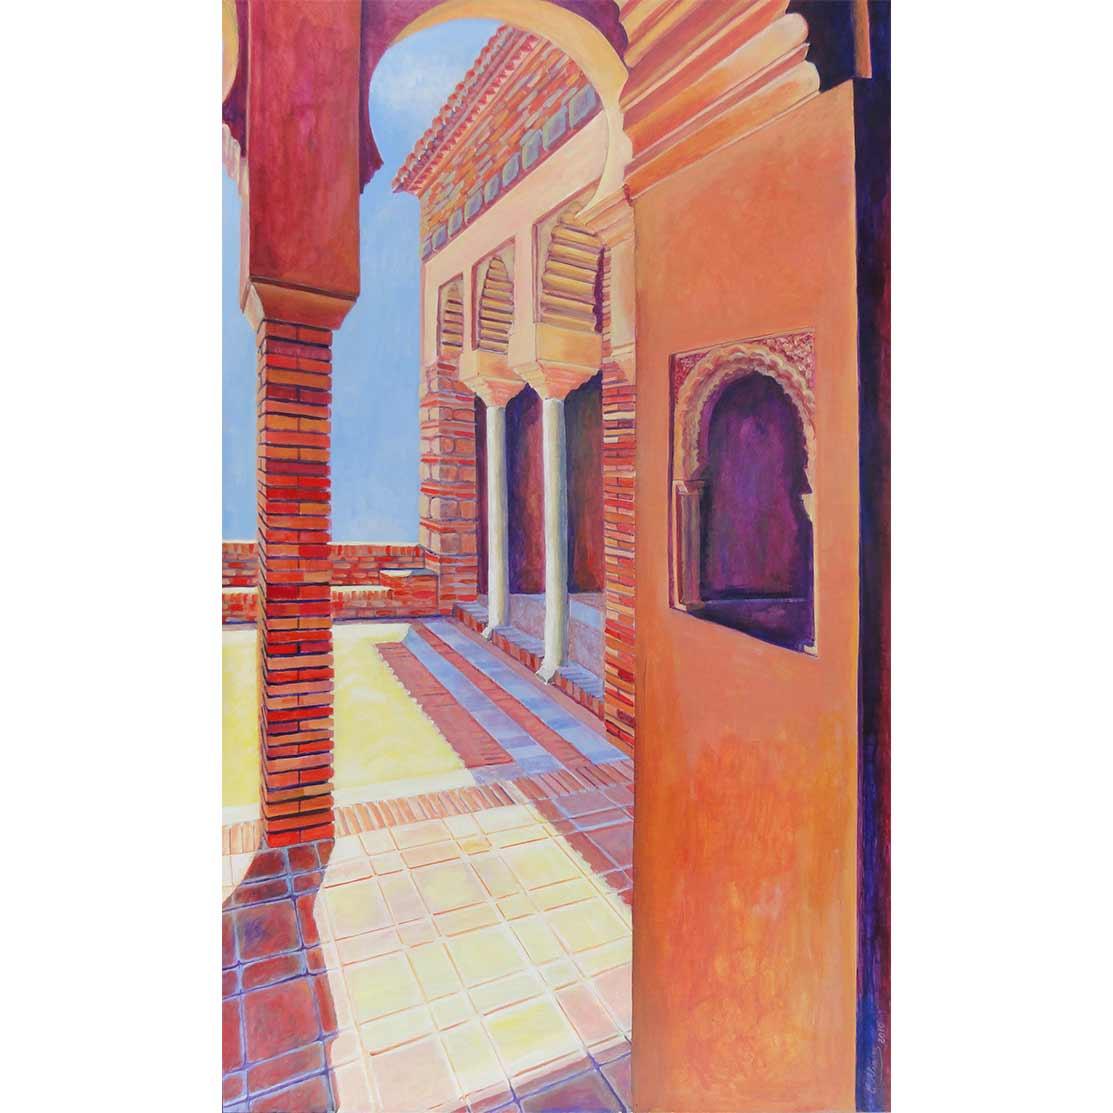 HABITACIÓN CON VISTAS Acrílico sobre tabla 138 x 95 cm